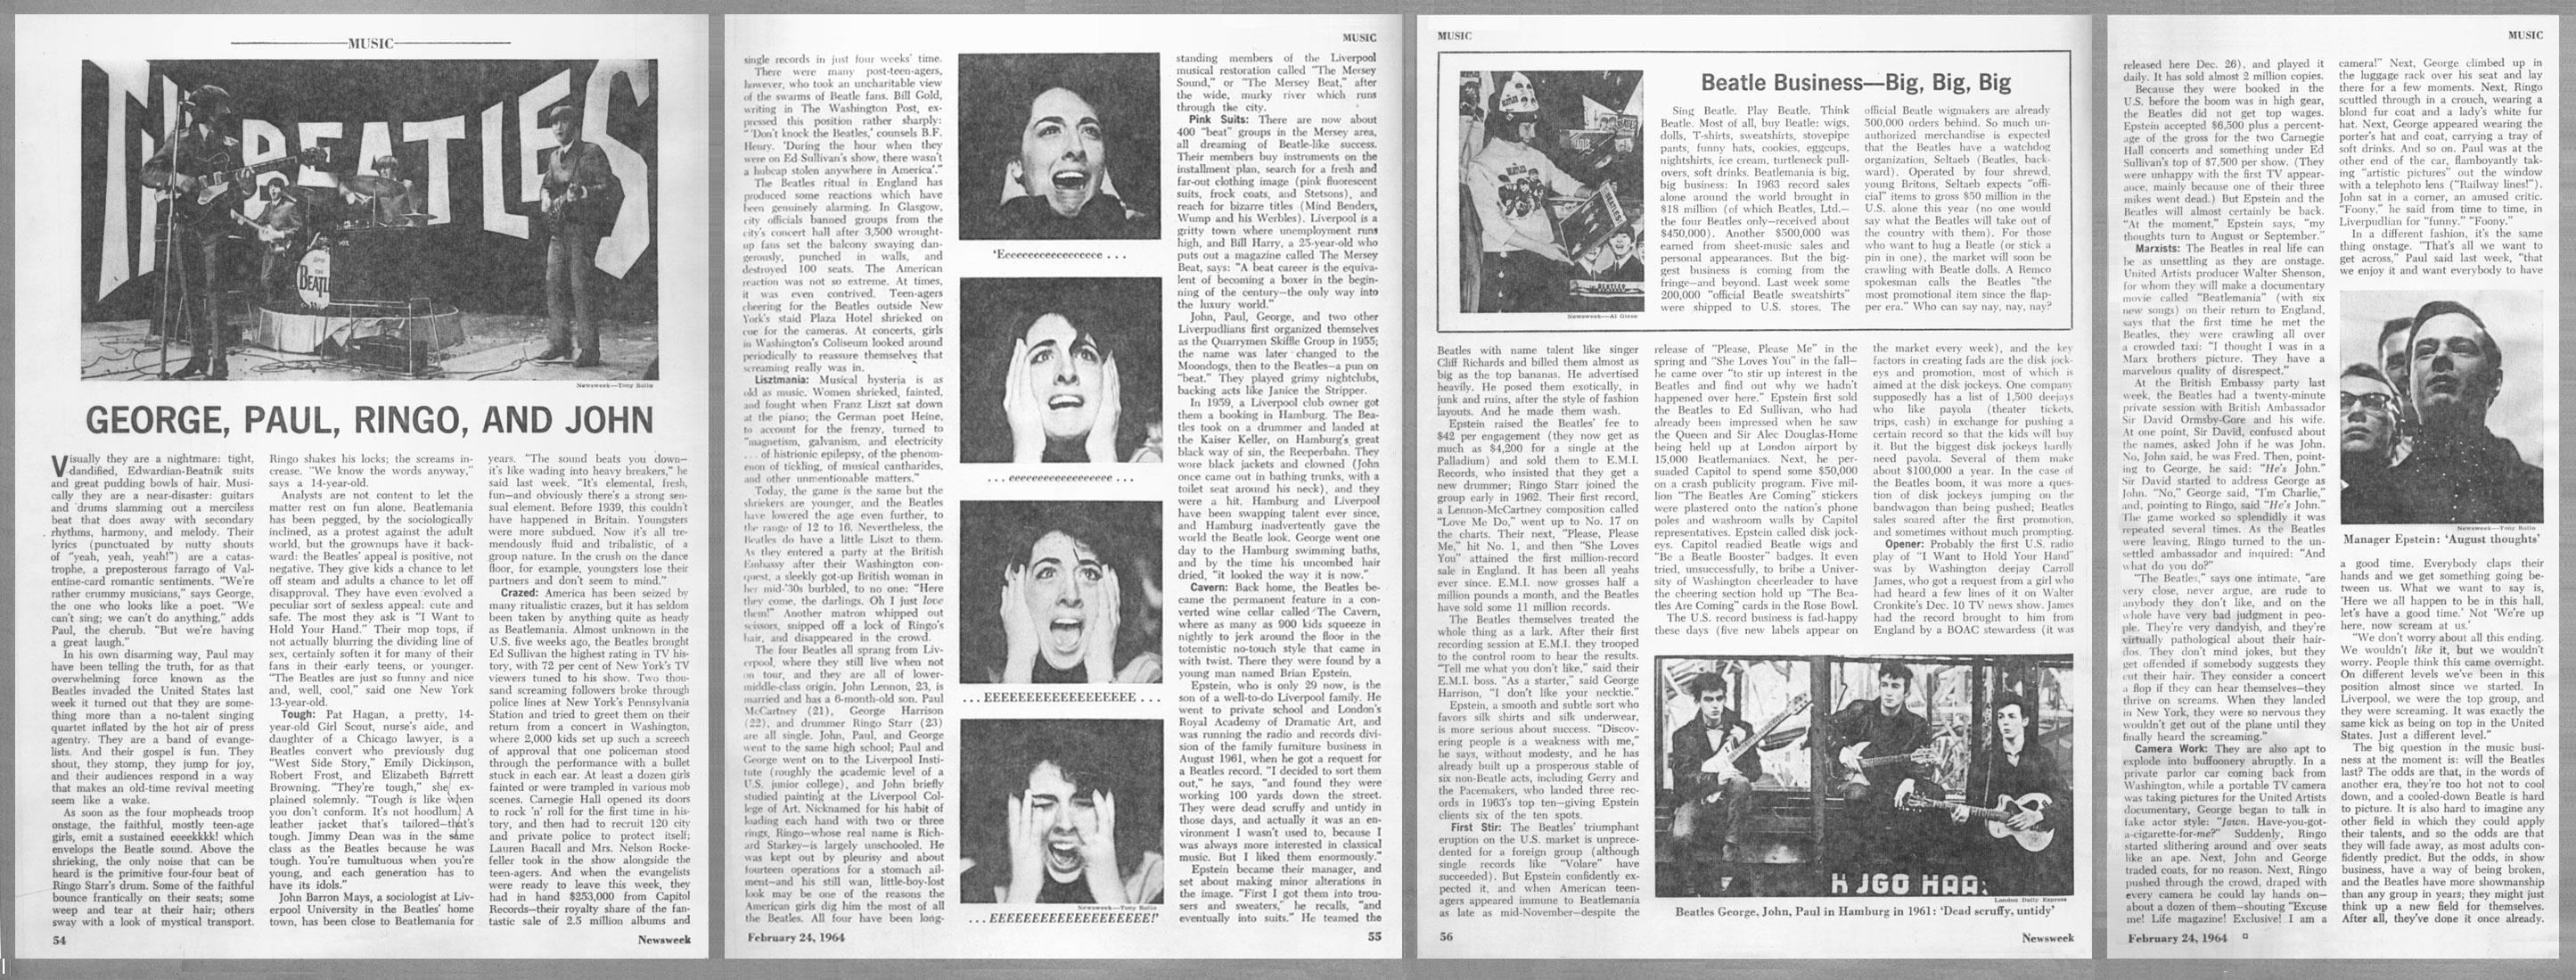 How to scrapbook with newspaper articles - Beatles Scrapbook 1963 76